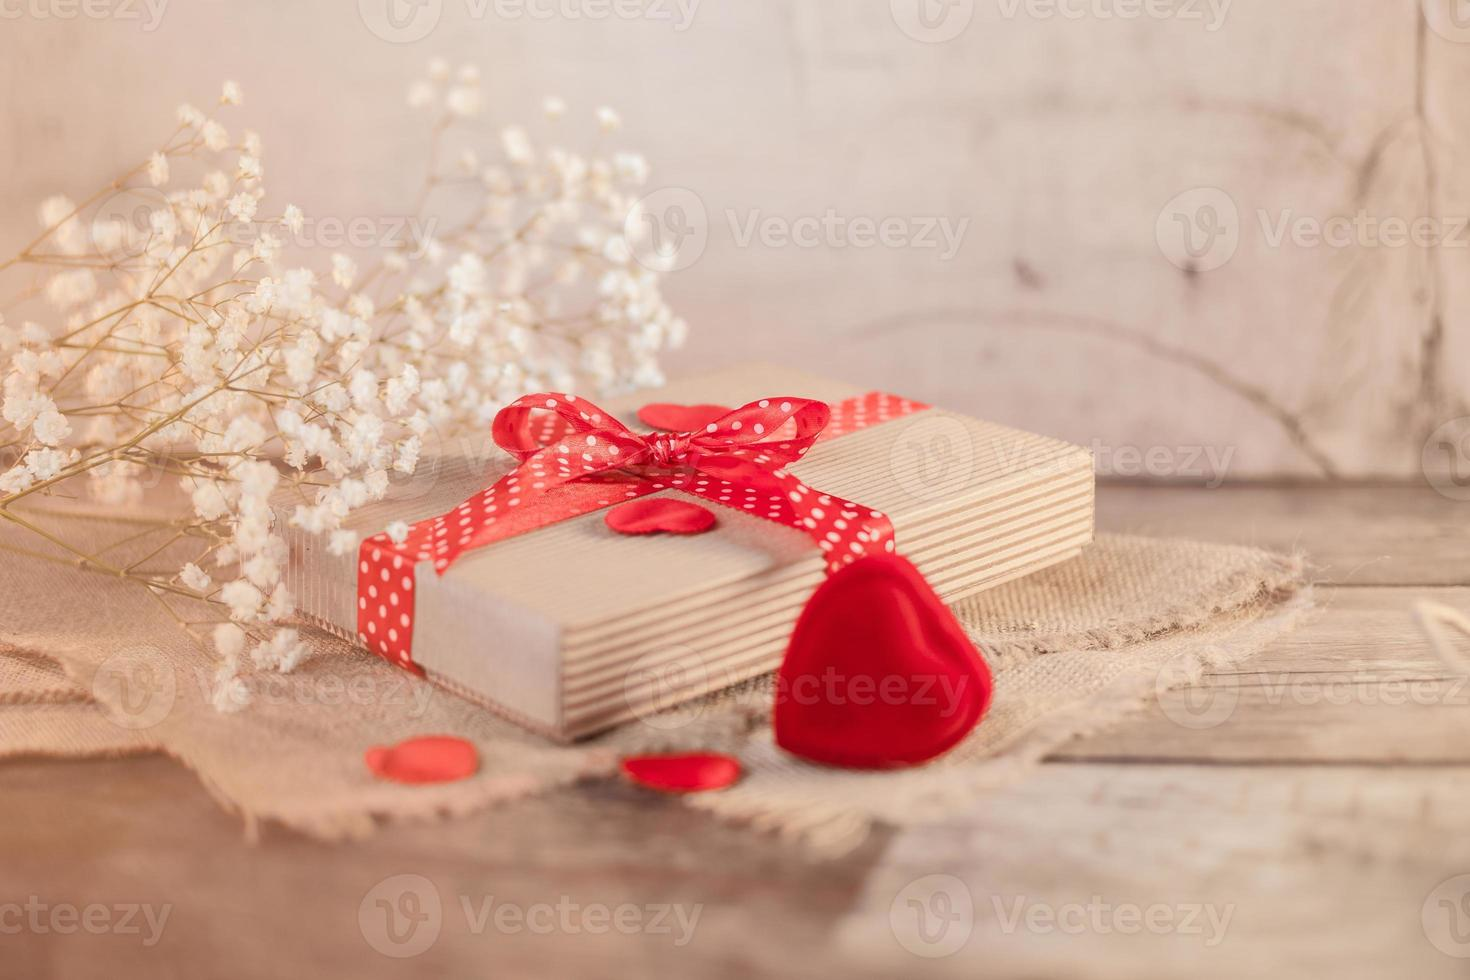 presente do dia dos namorados e decorações com corações em madeira foto